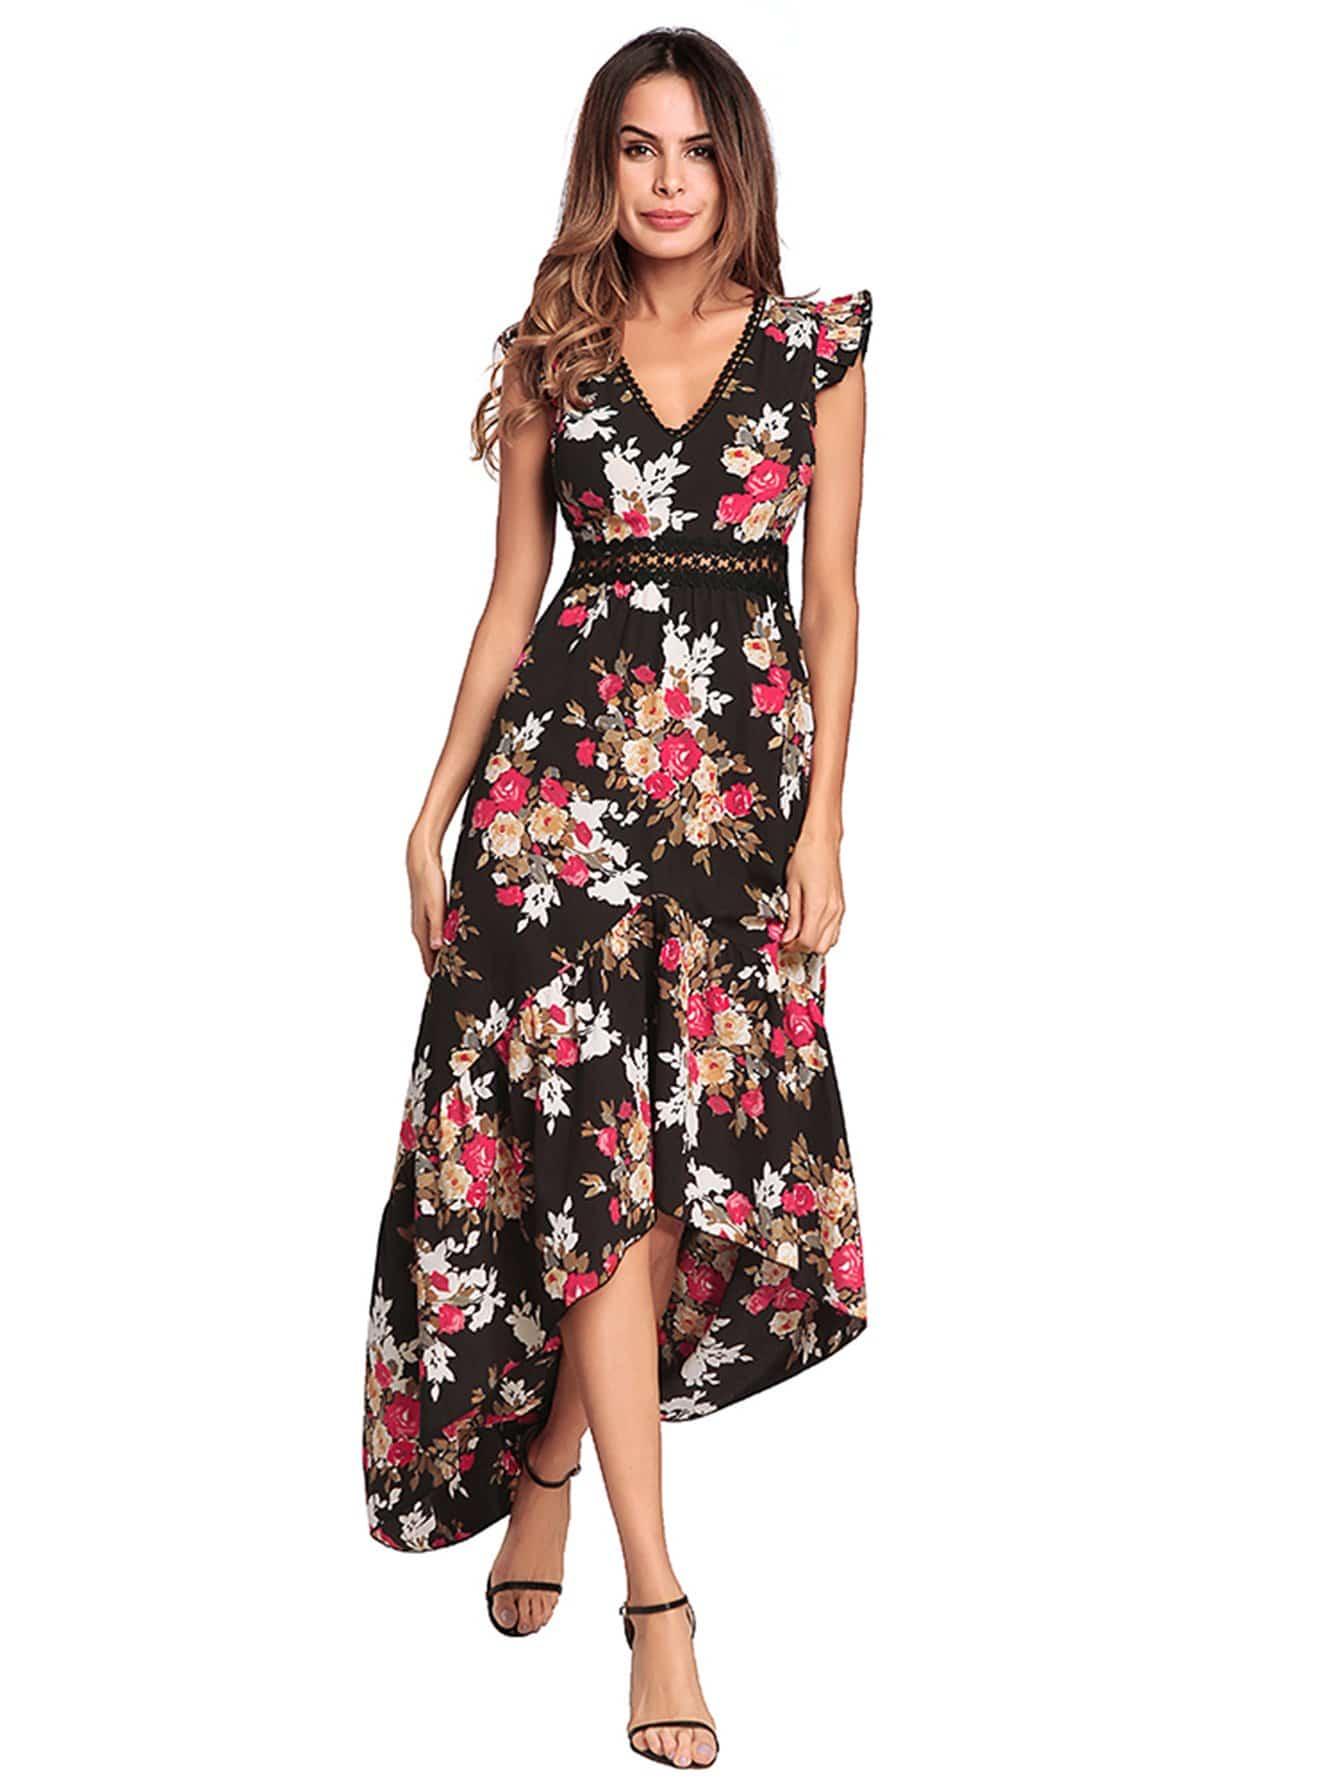 Floral Print High Low Tank Dress emoji print high low night dress